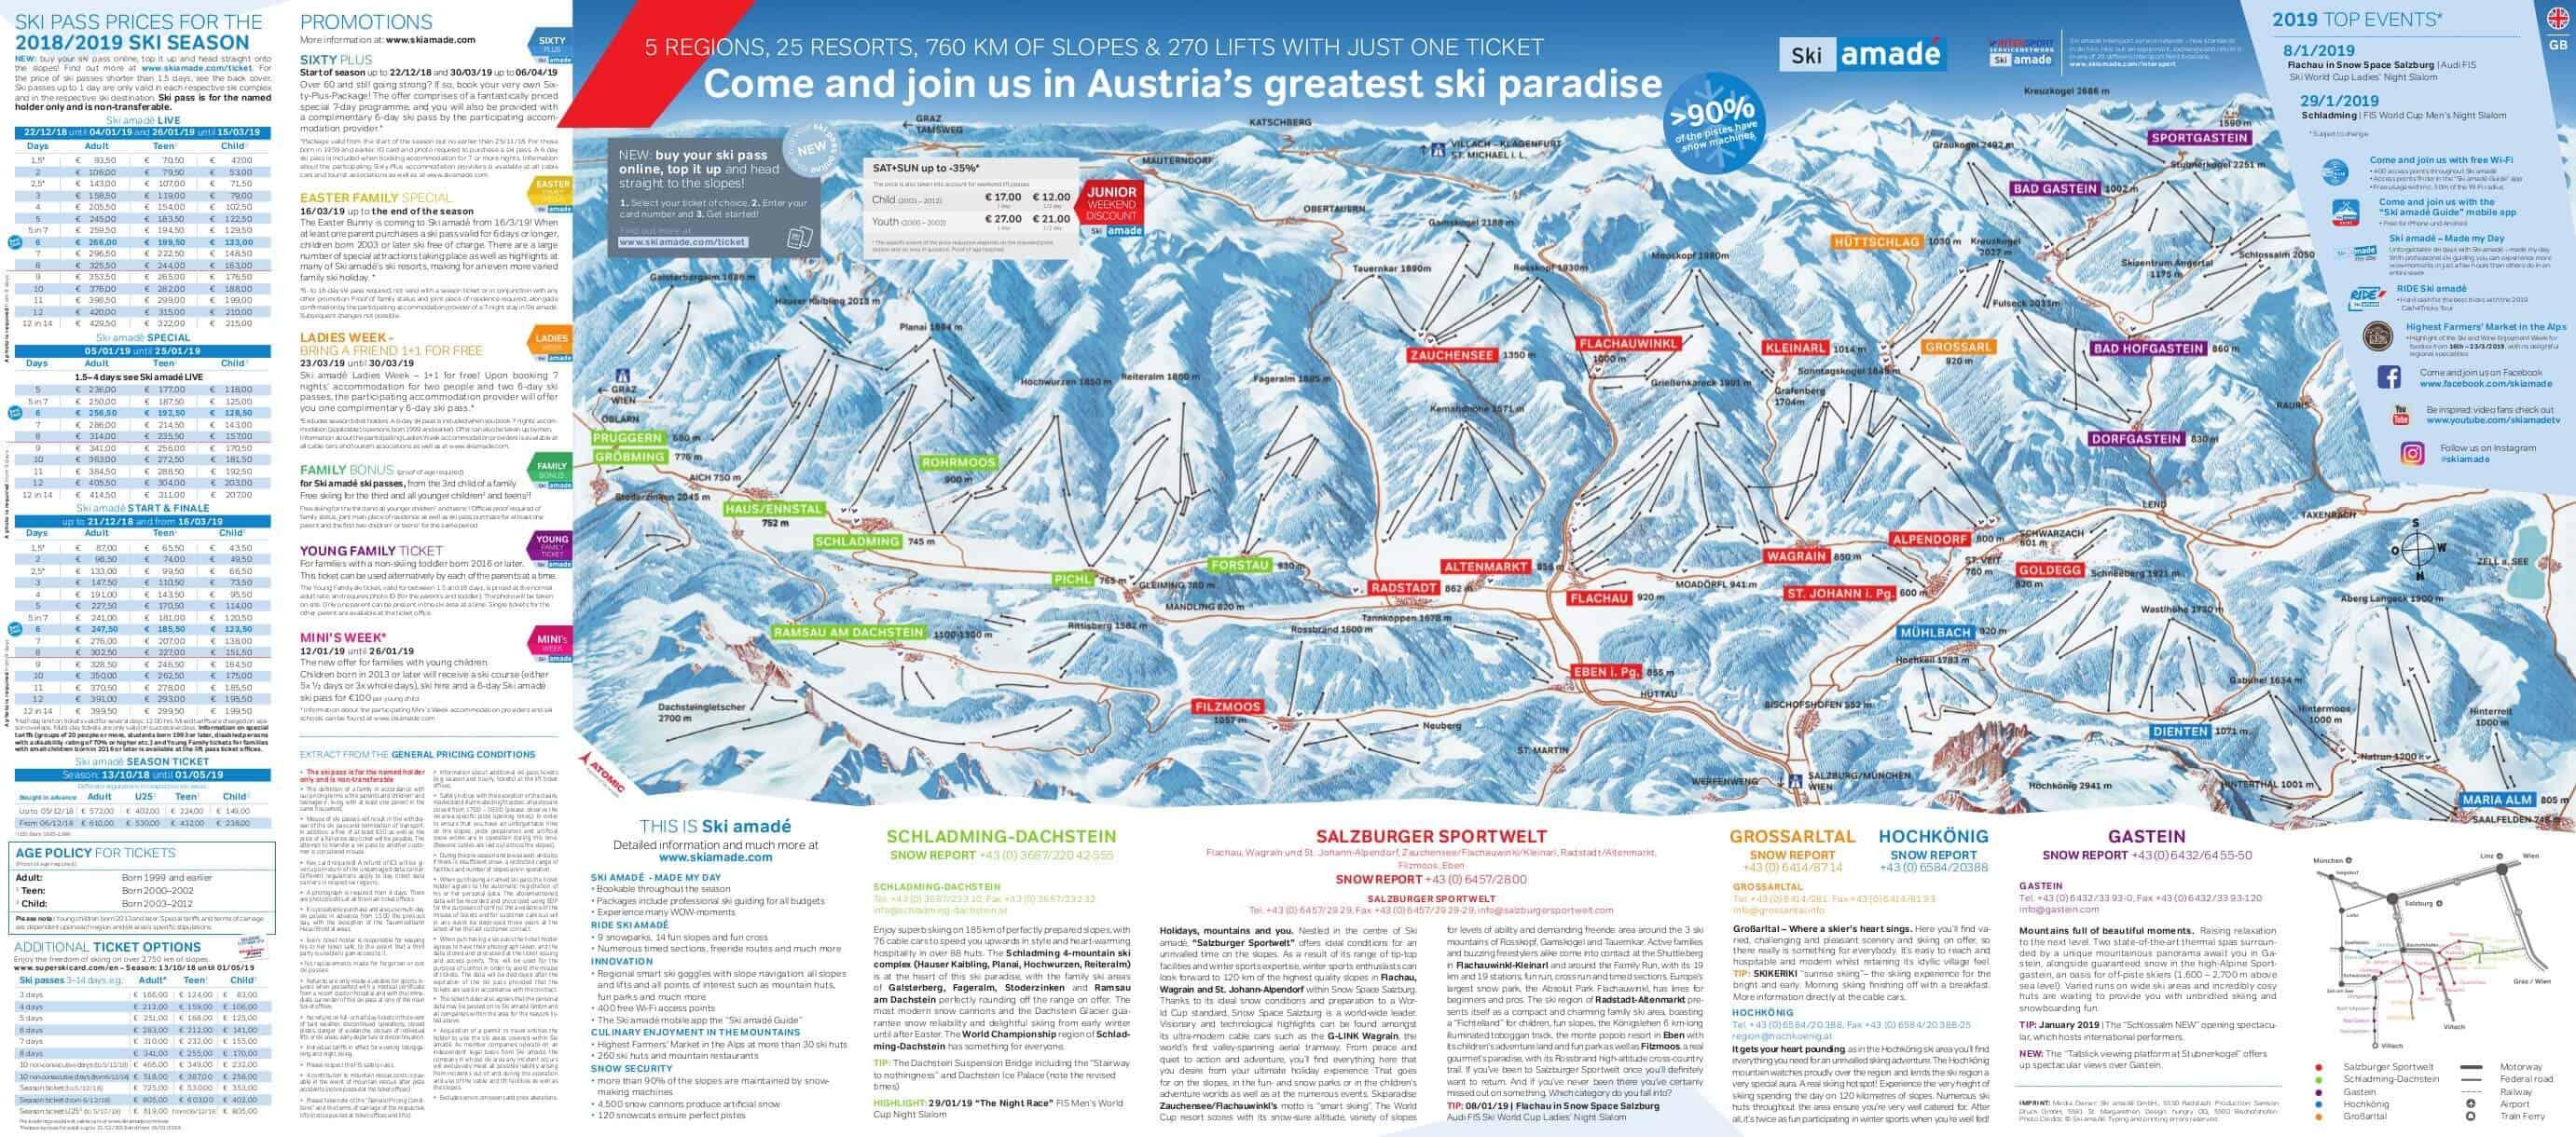 Ski amade JPG